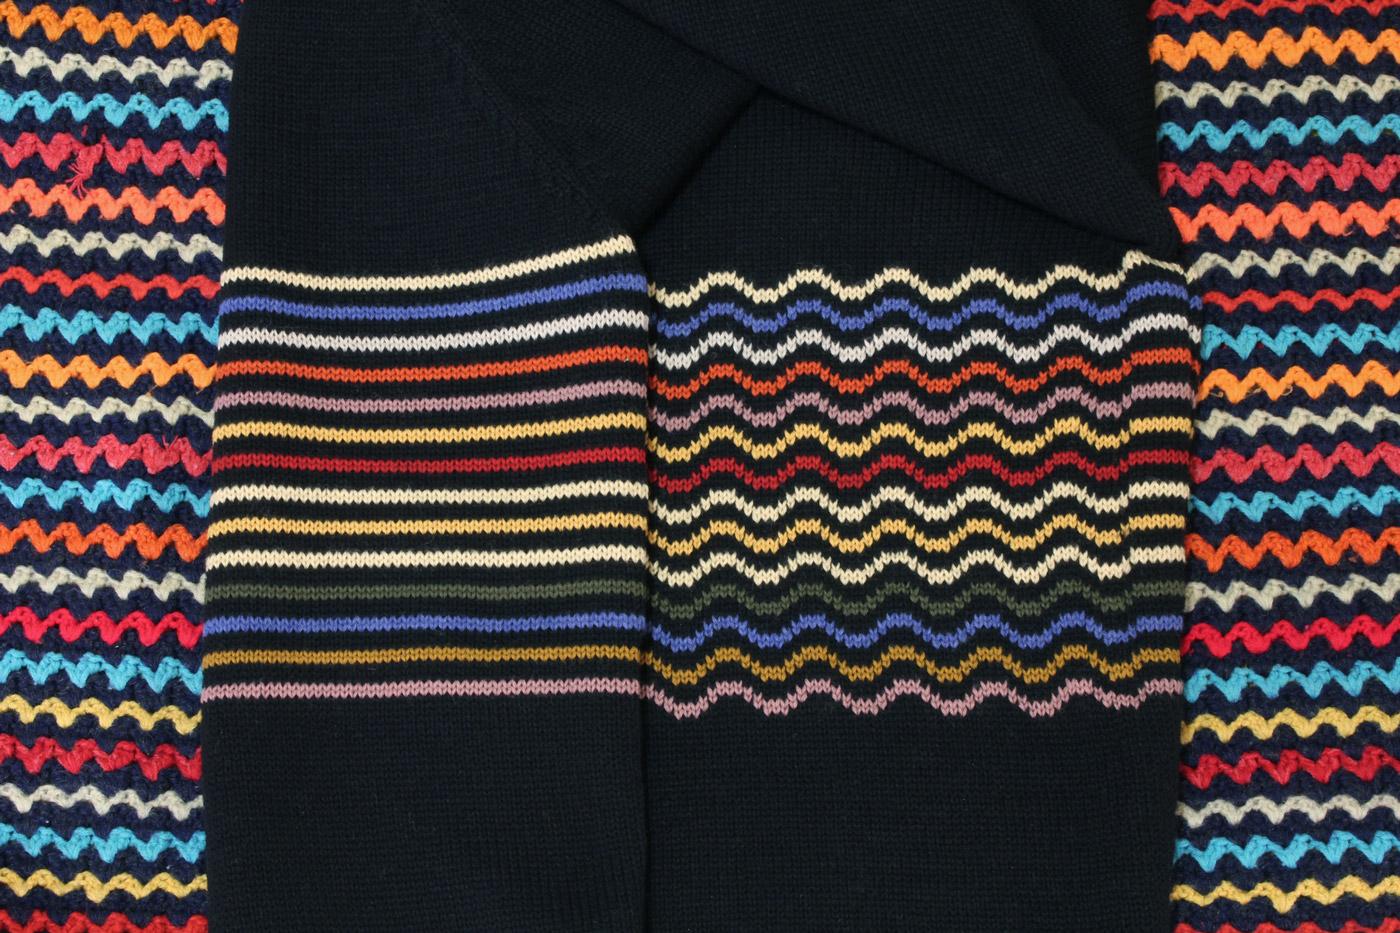 maglioneSB70 - Surfare al Salone del mobile